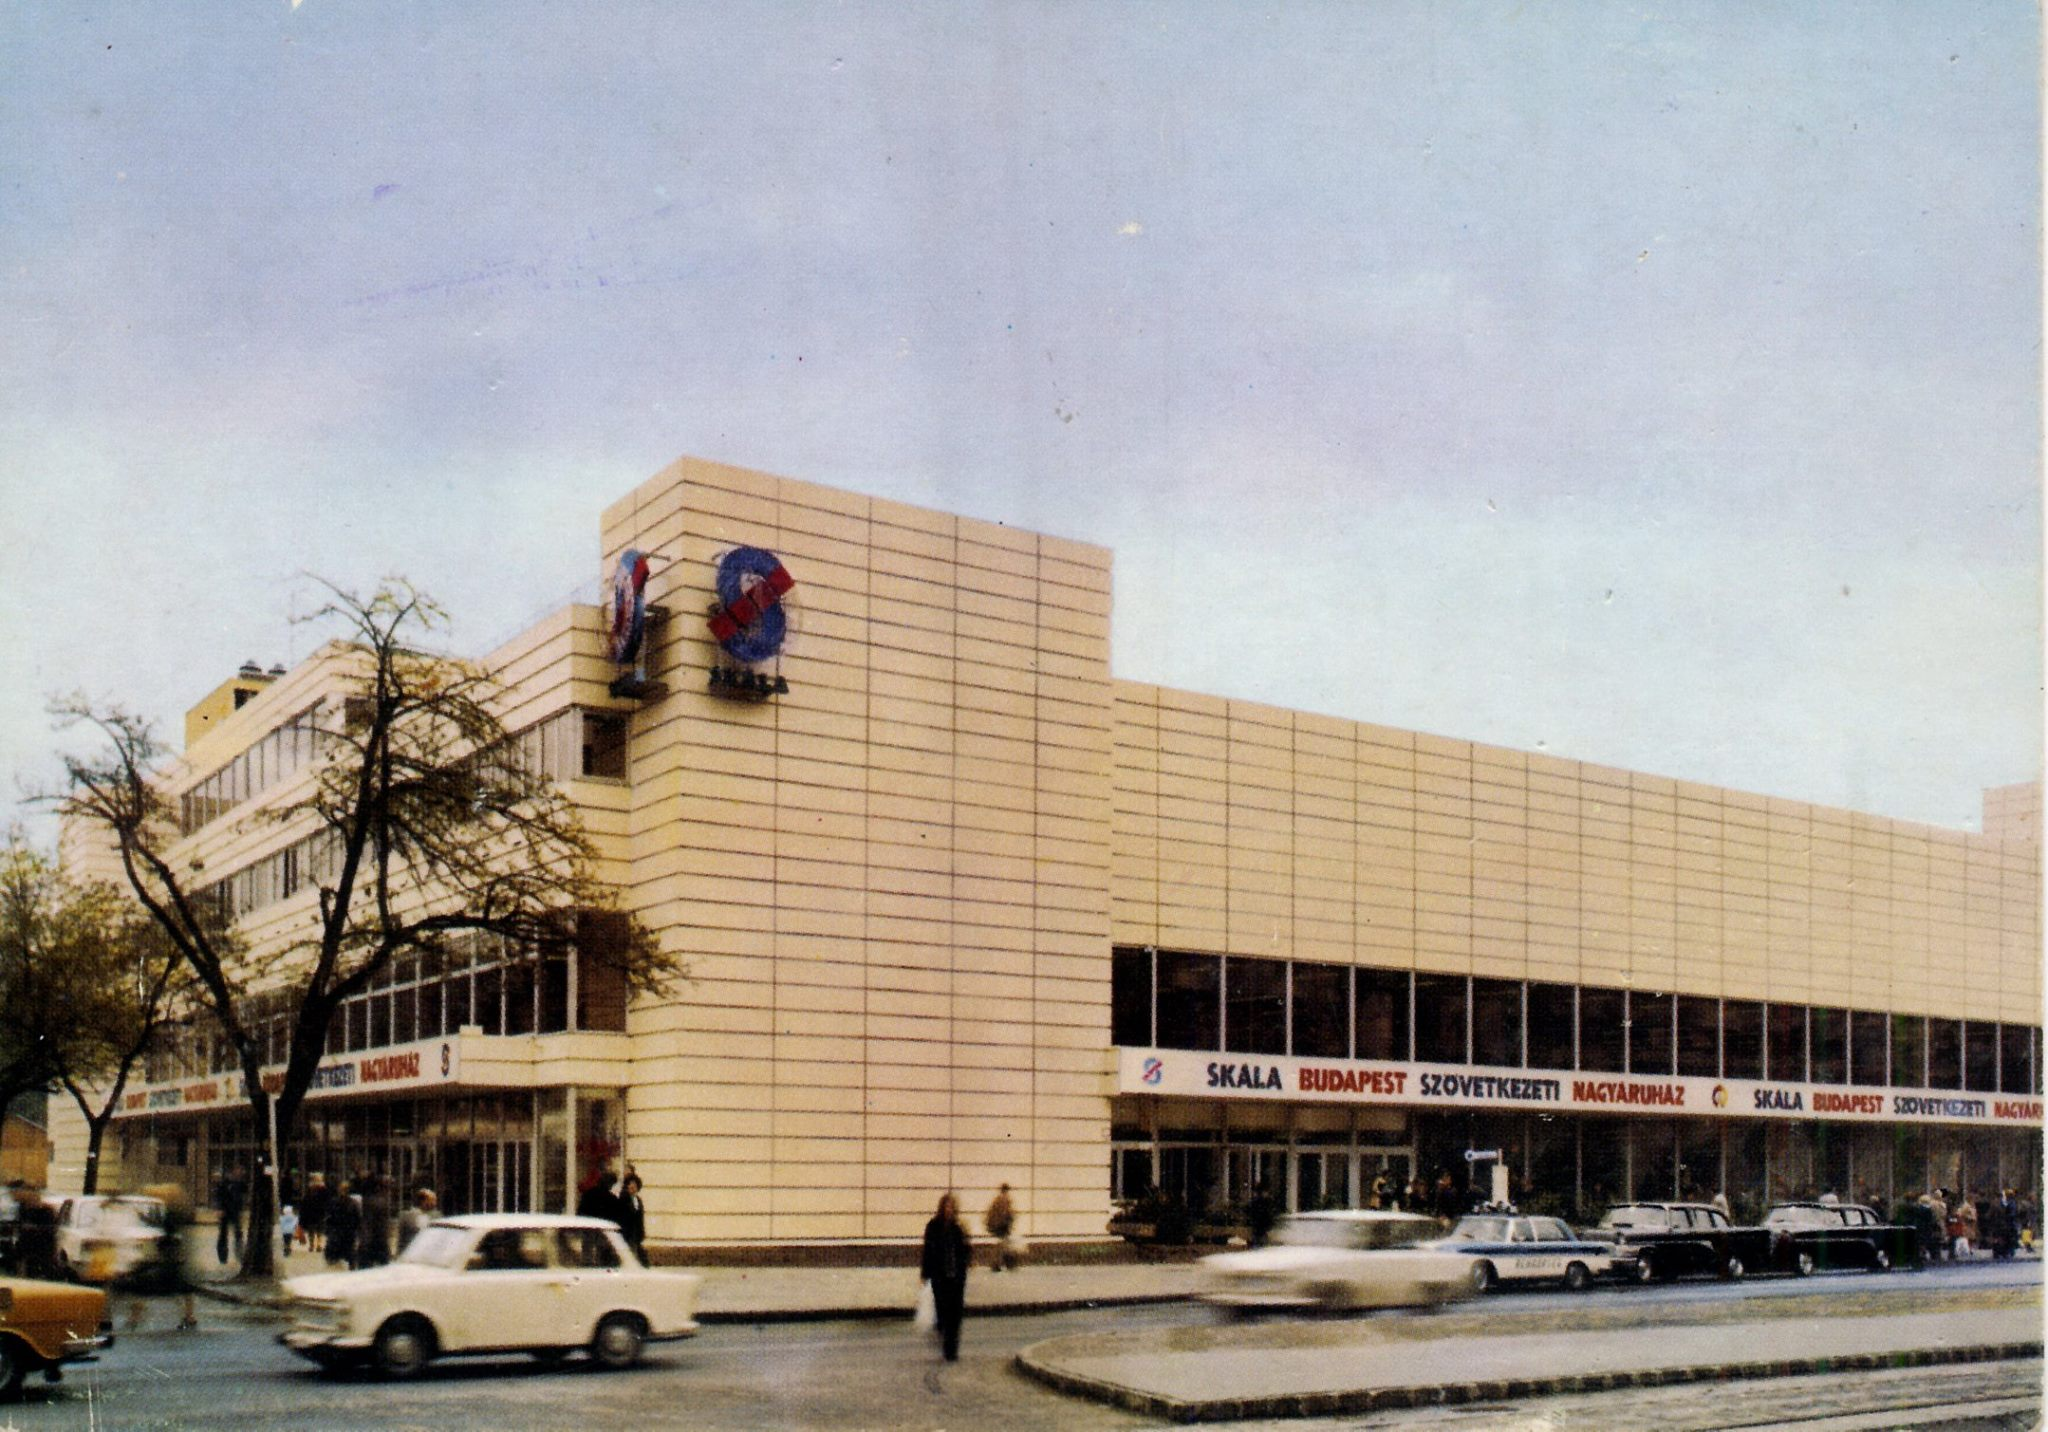 budaiskala-1980asevek-01.jpg